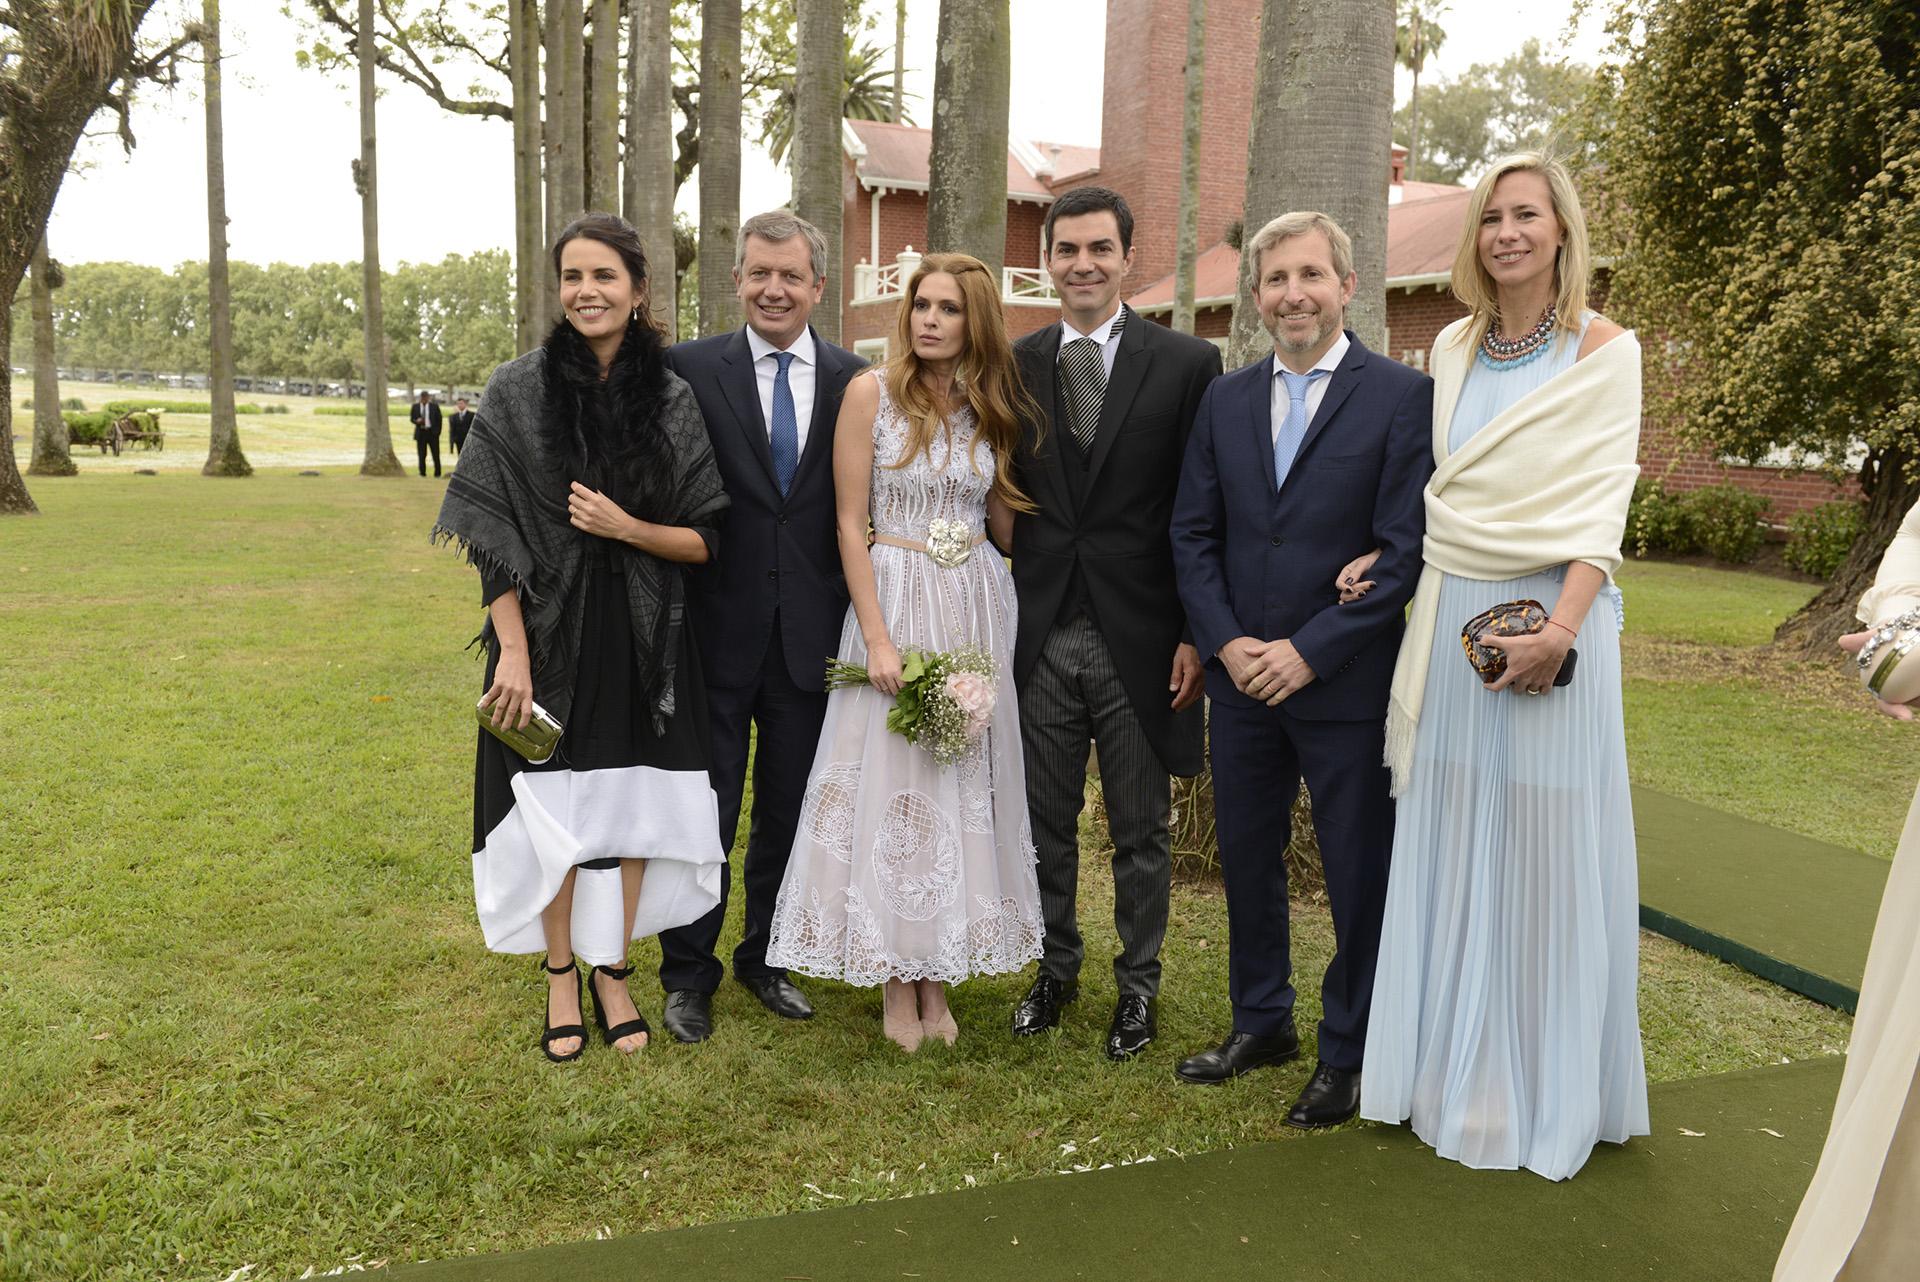 Los novios junto al presidente de la Cámara de Diputados Emilio Monzó y su esposa Karen Sánchez y el ministro del Interior Rogelio Frigerio y su esposa Victoria Costoya